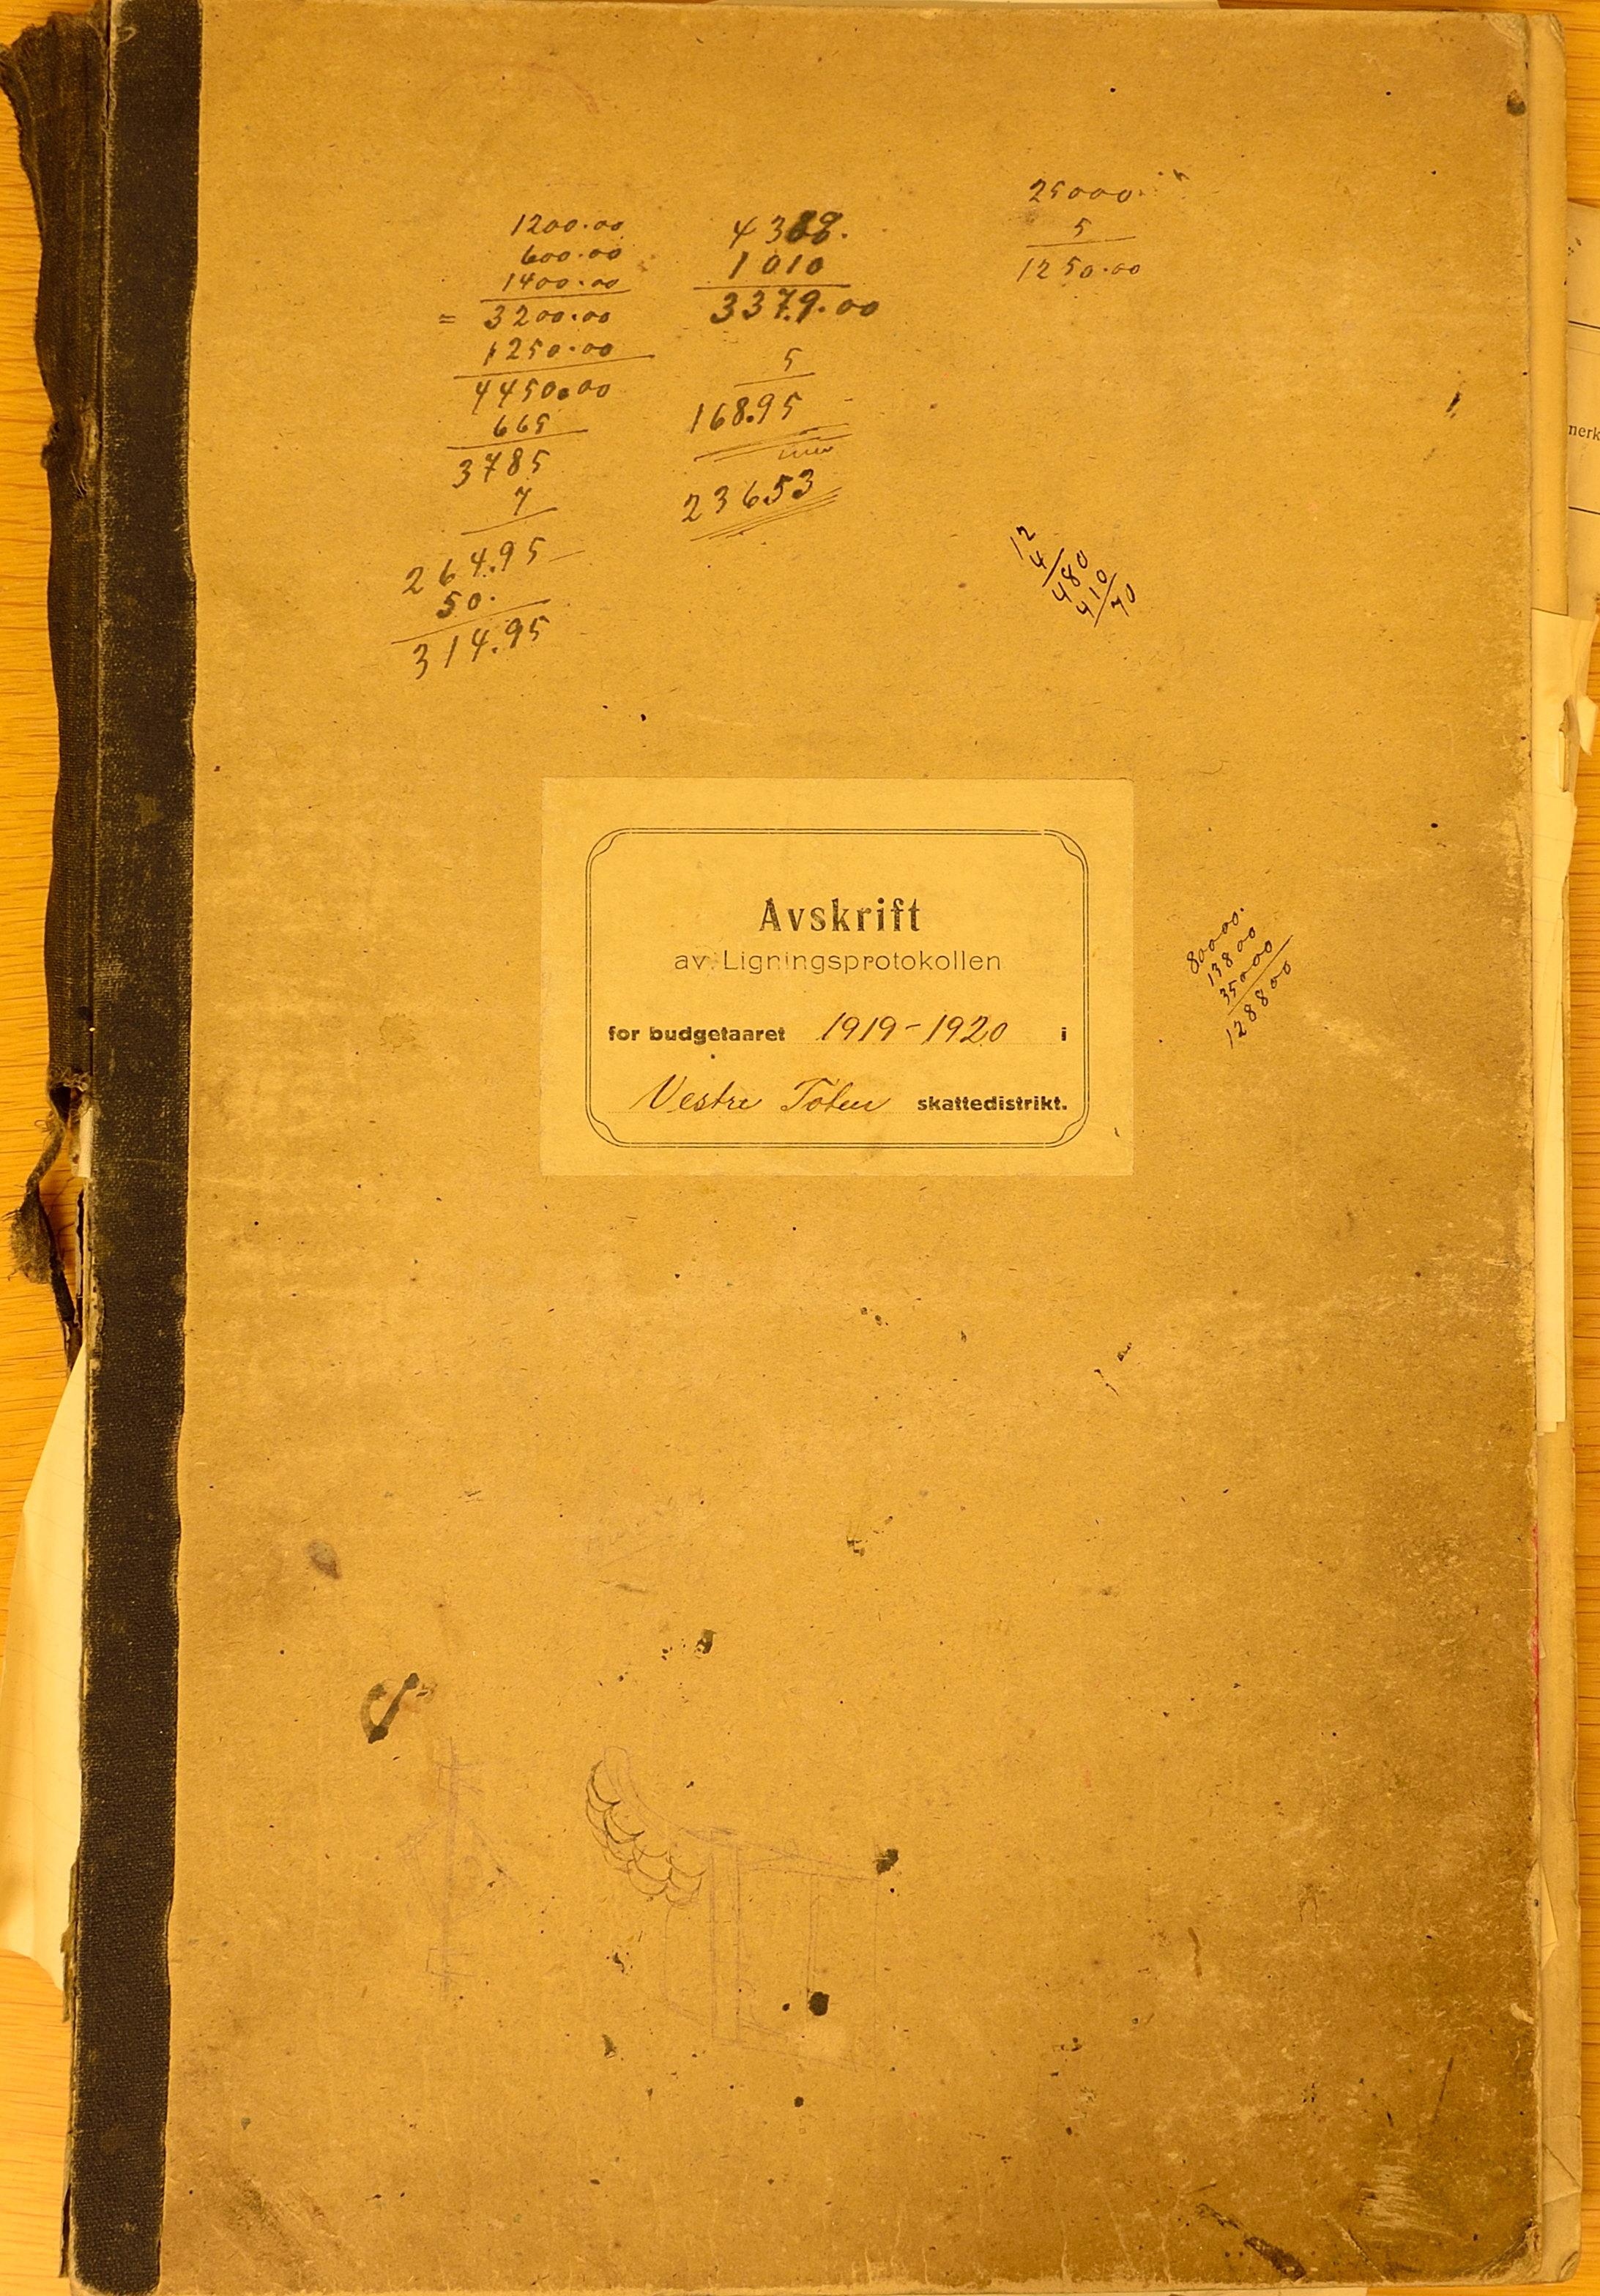 KVT, Vestre Toten kommunearkiv*, -: Avskrift av ligningsprotokollen for budsjettåret 1919-1920 for Vestre Toten skattedistrikt, 1919-1920